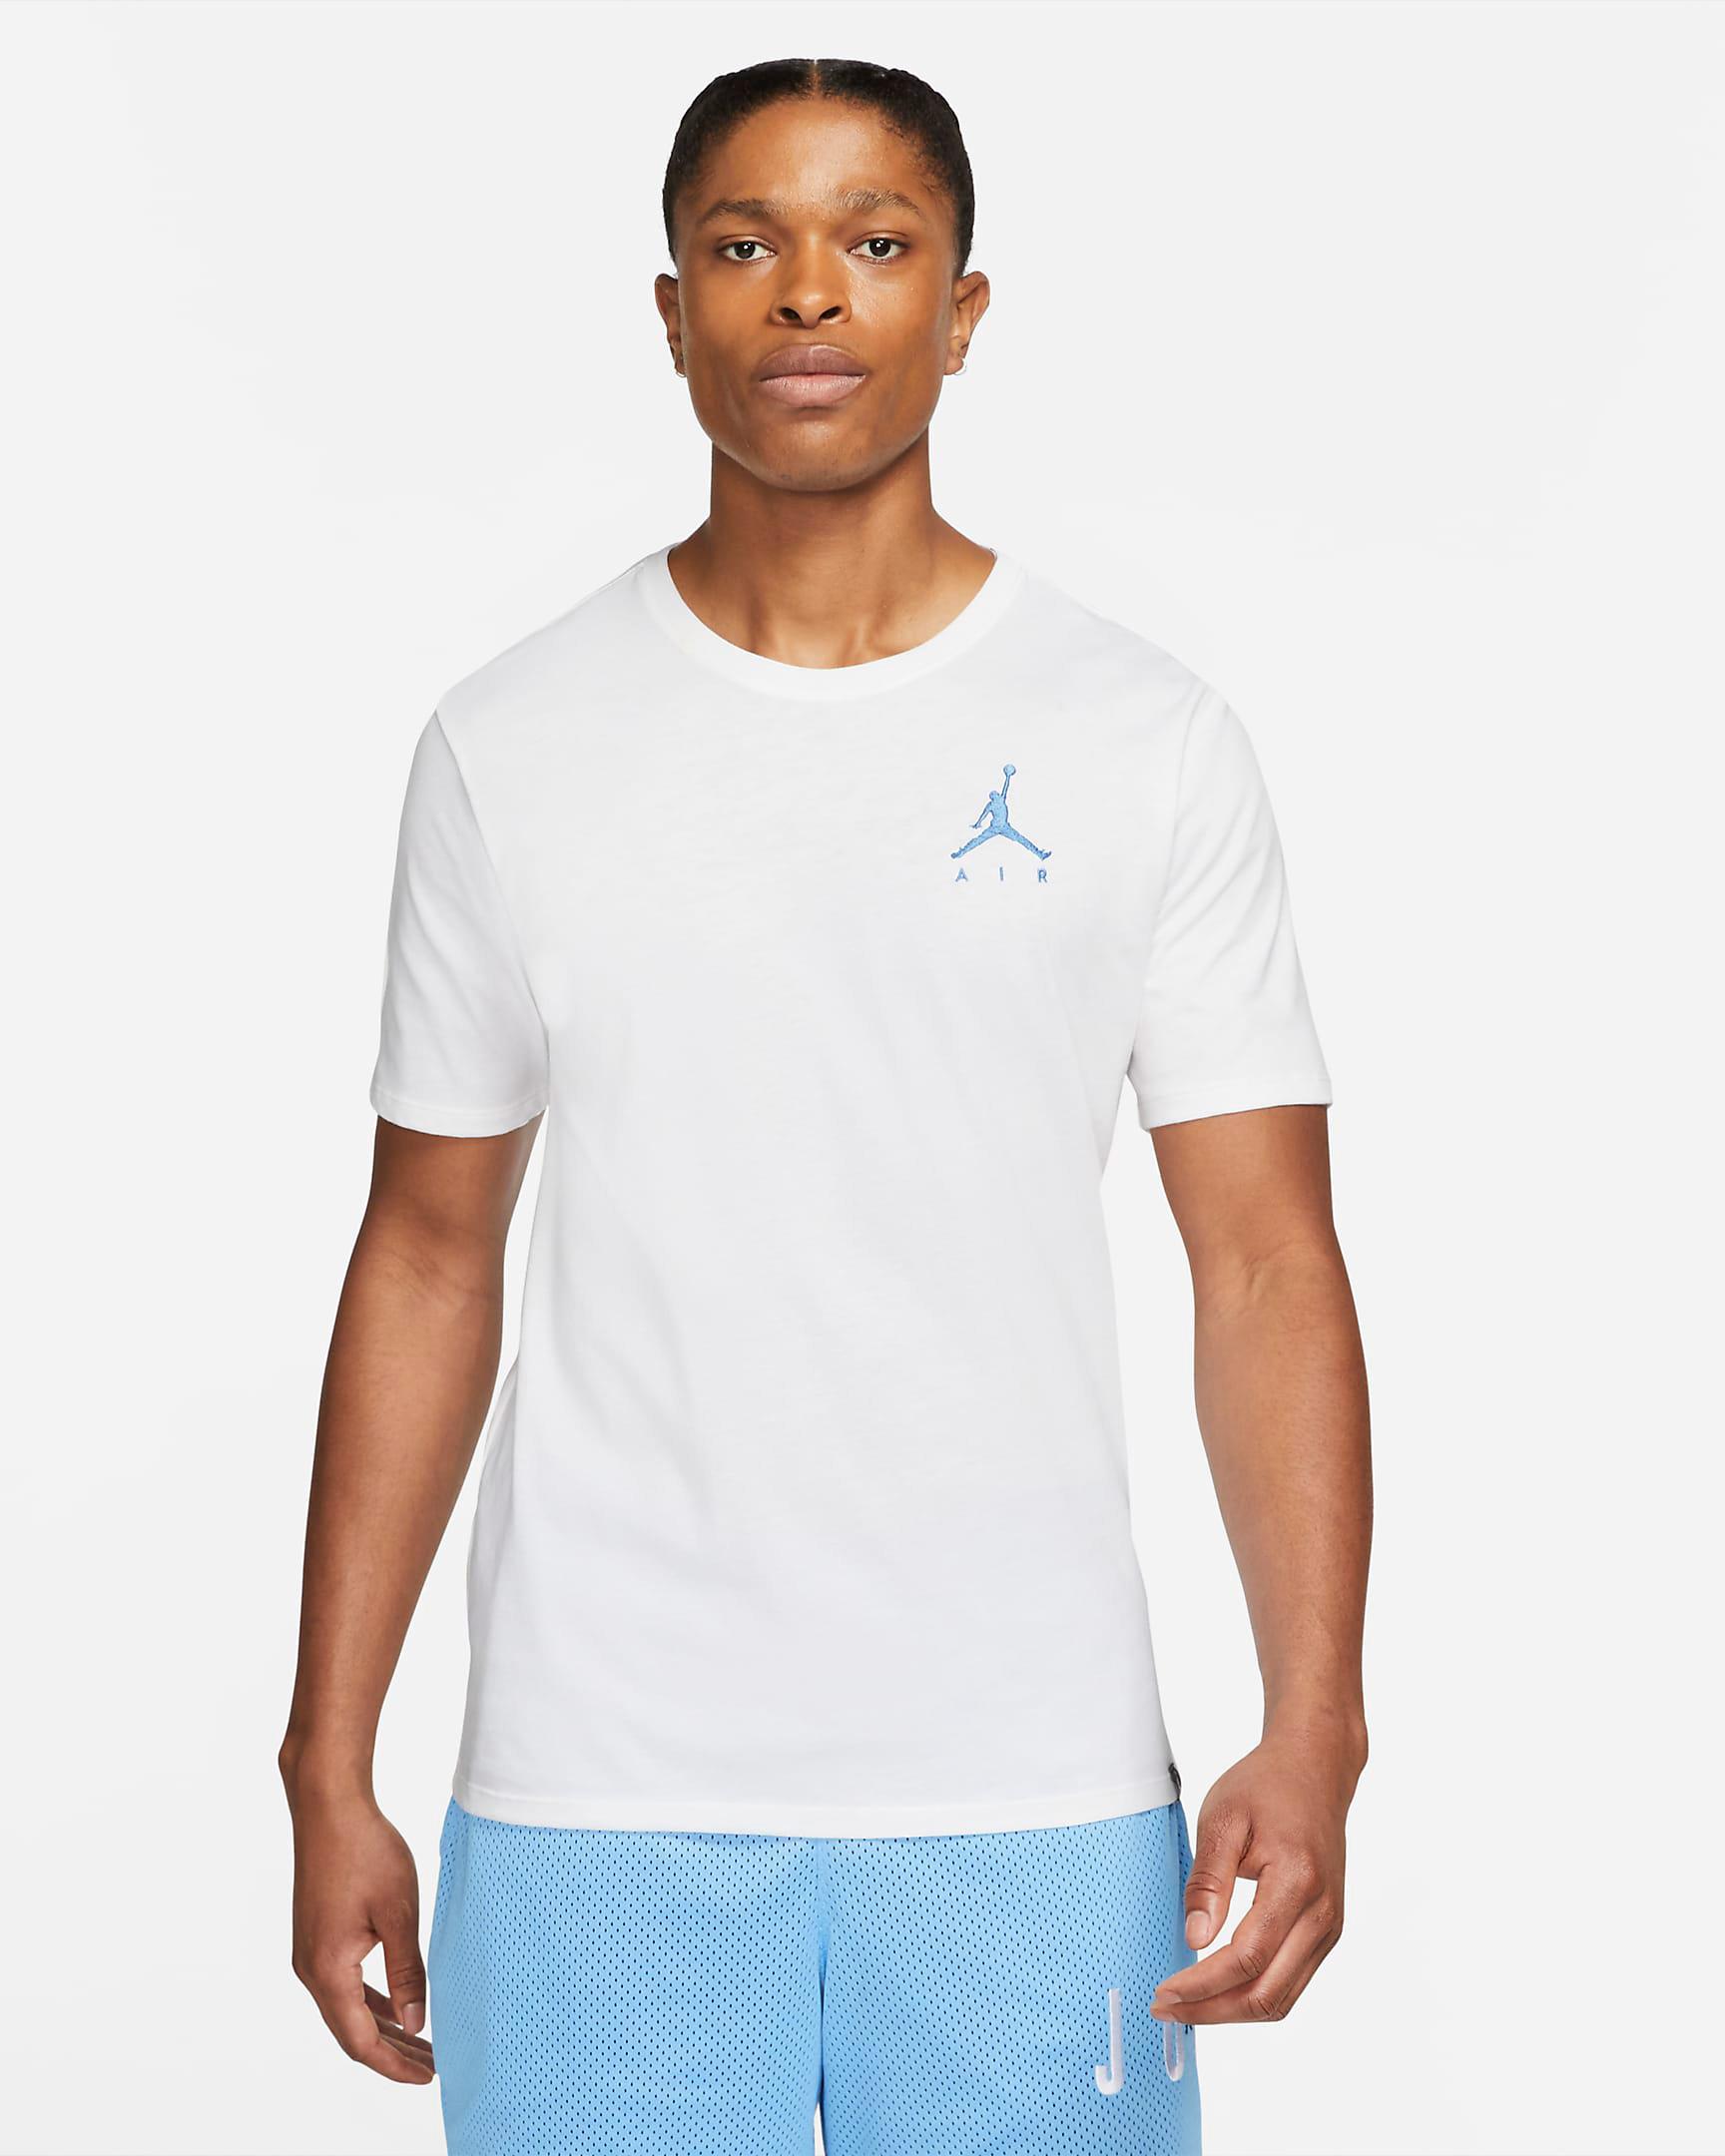 air-jordan-1-high-prototype-matching-t-shirt-1